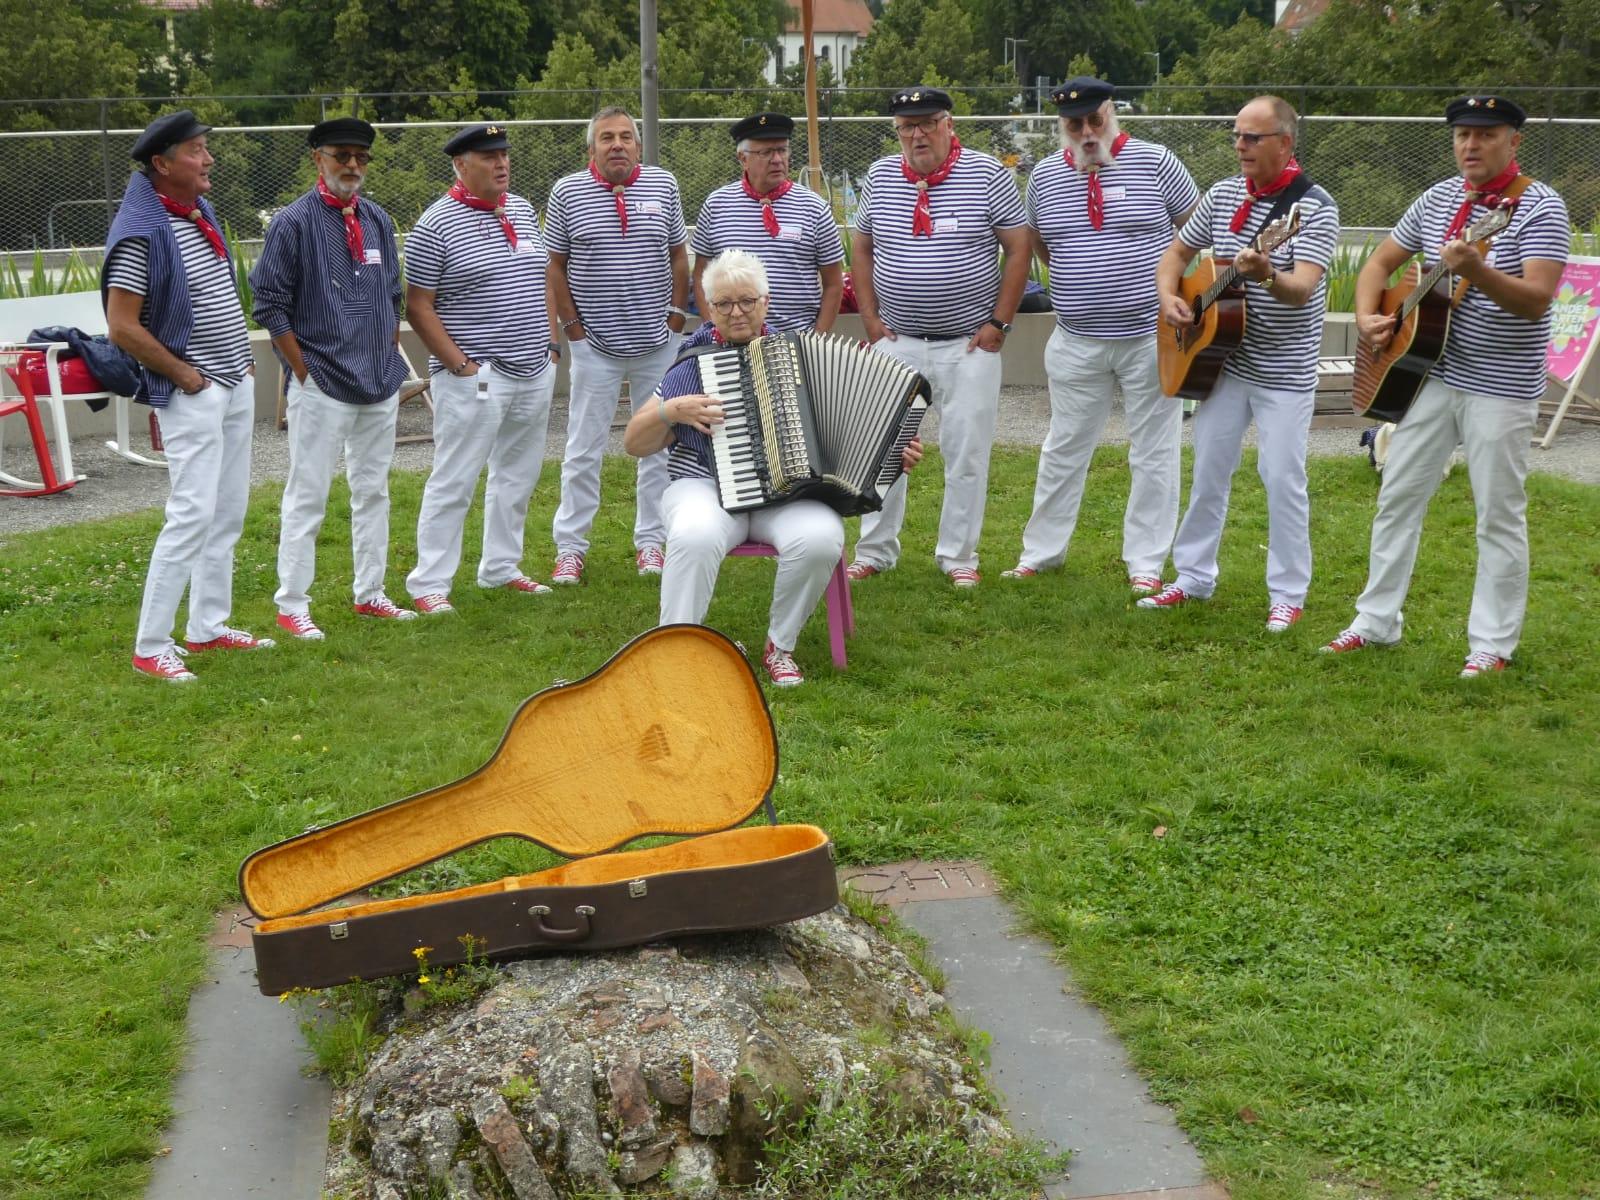 Auftritt an der Landesgartenshow in Überlingen 2021